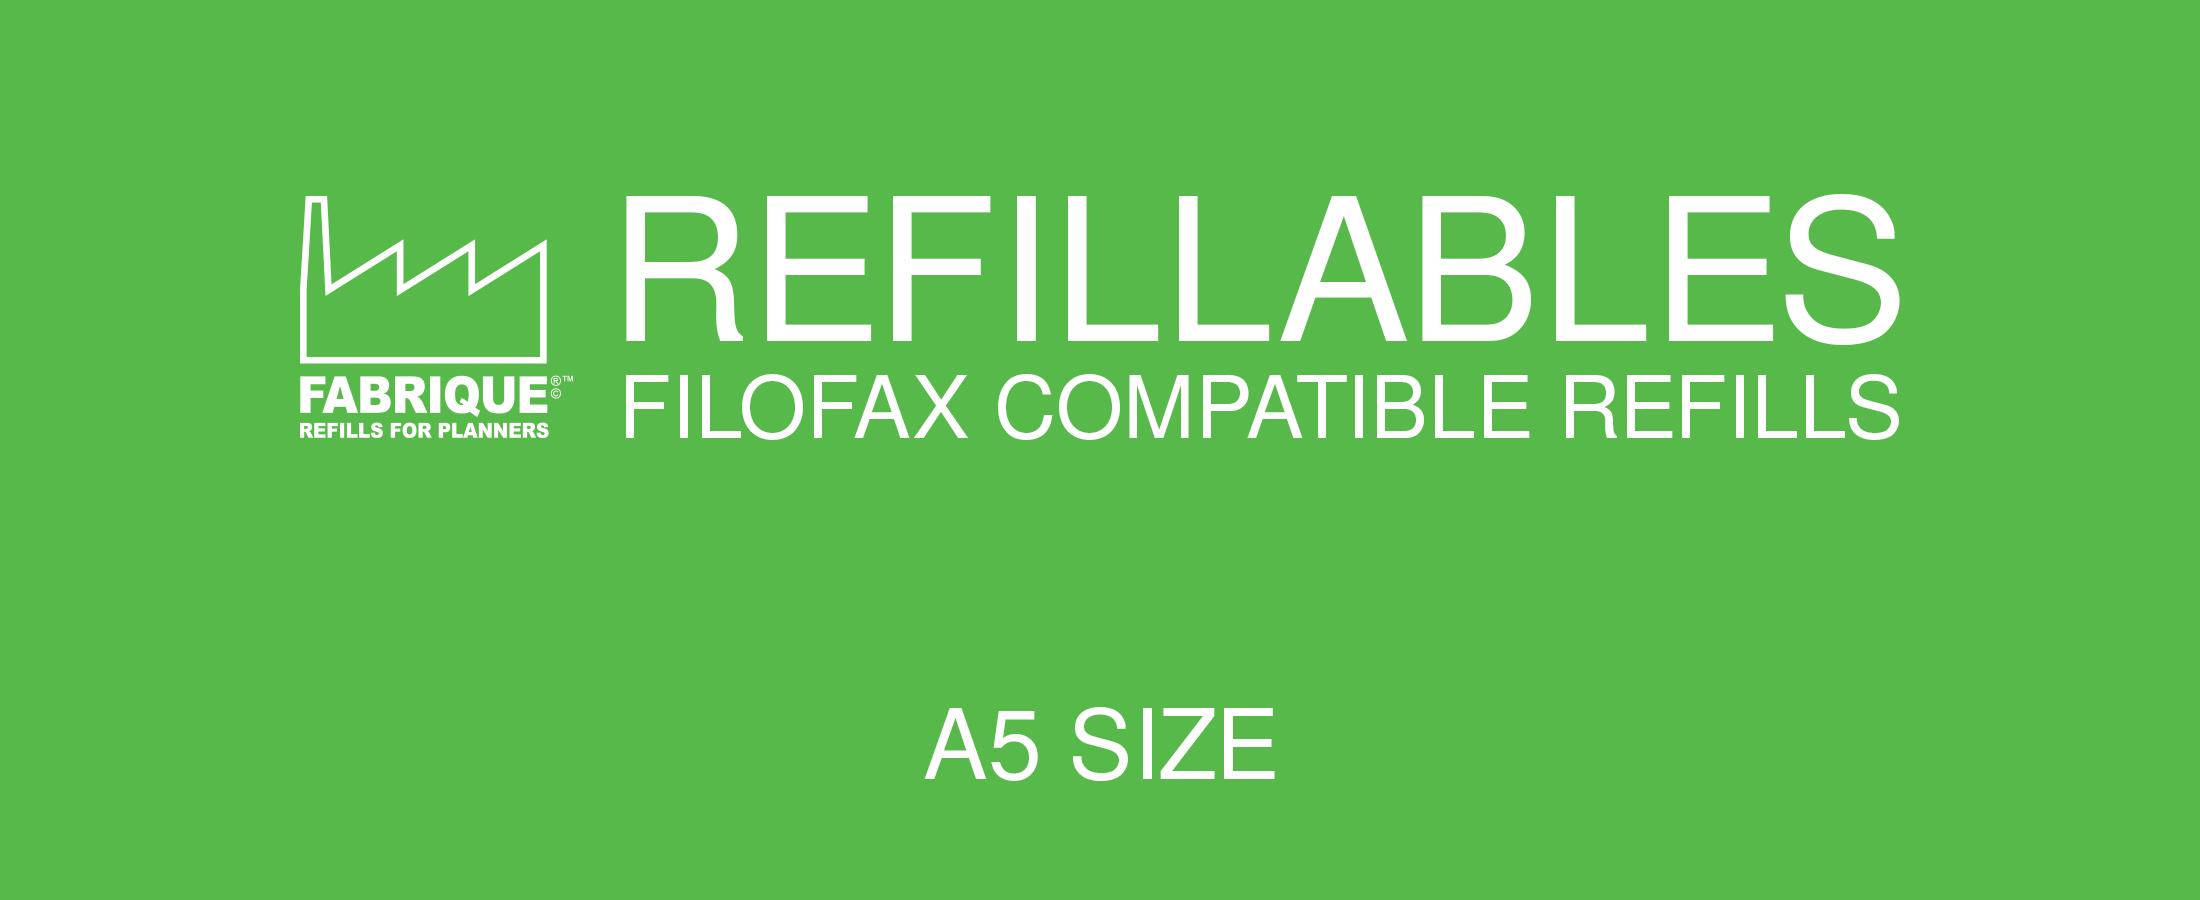 Refillables Filofax